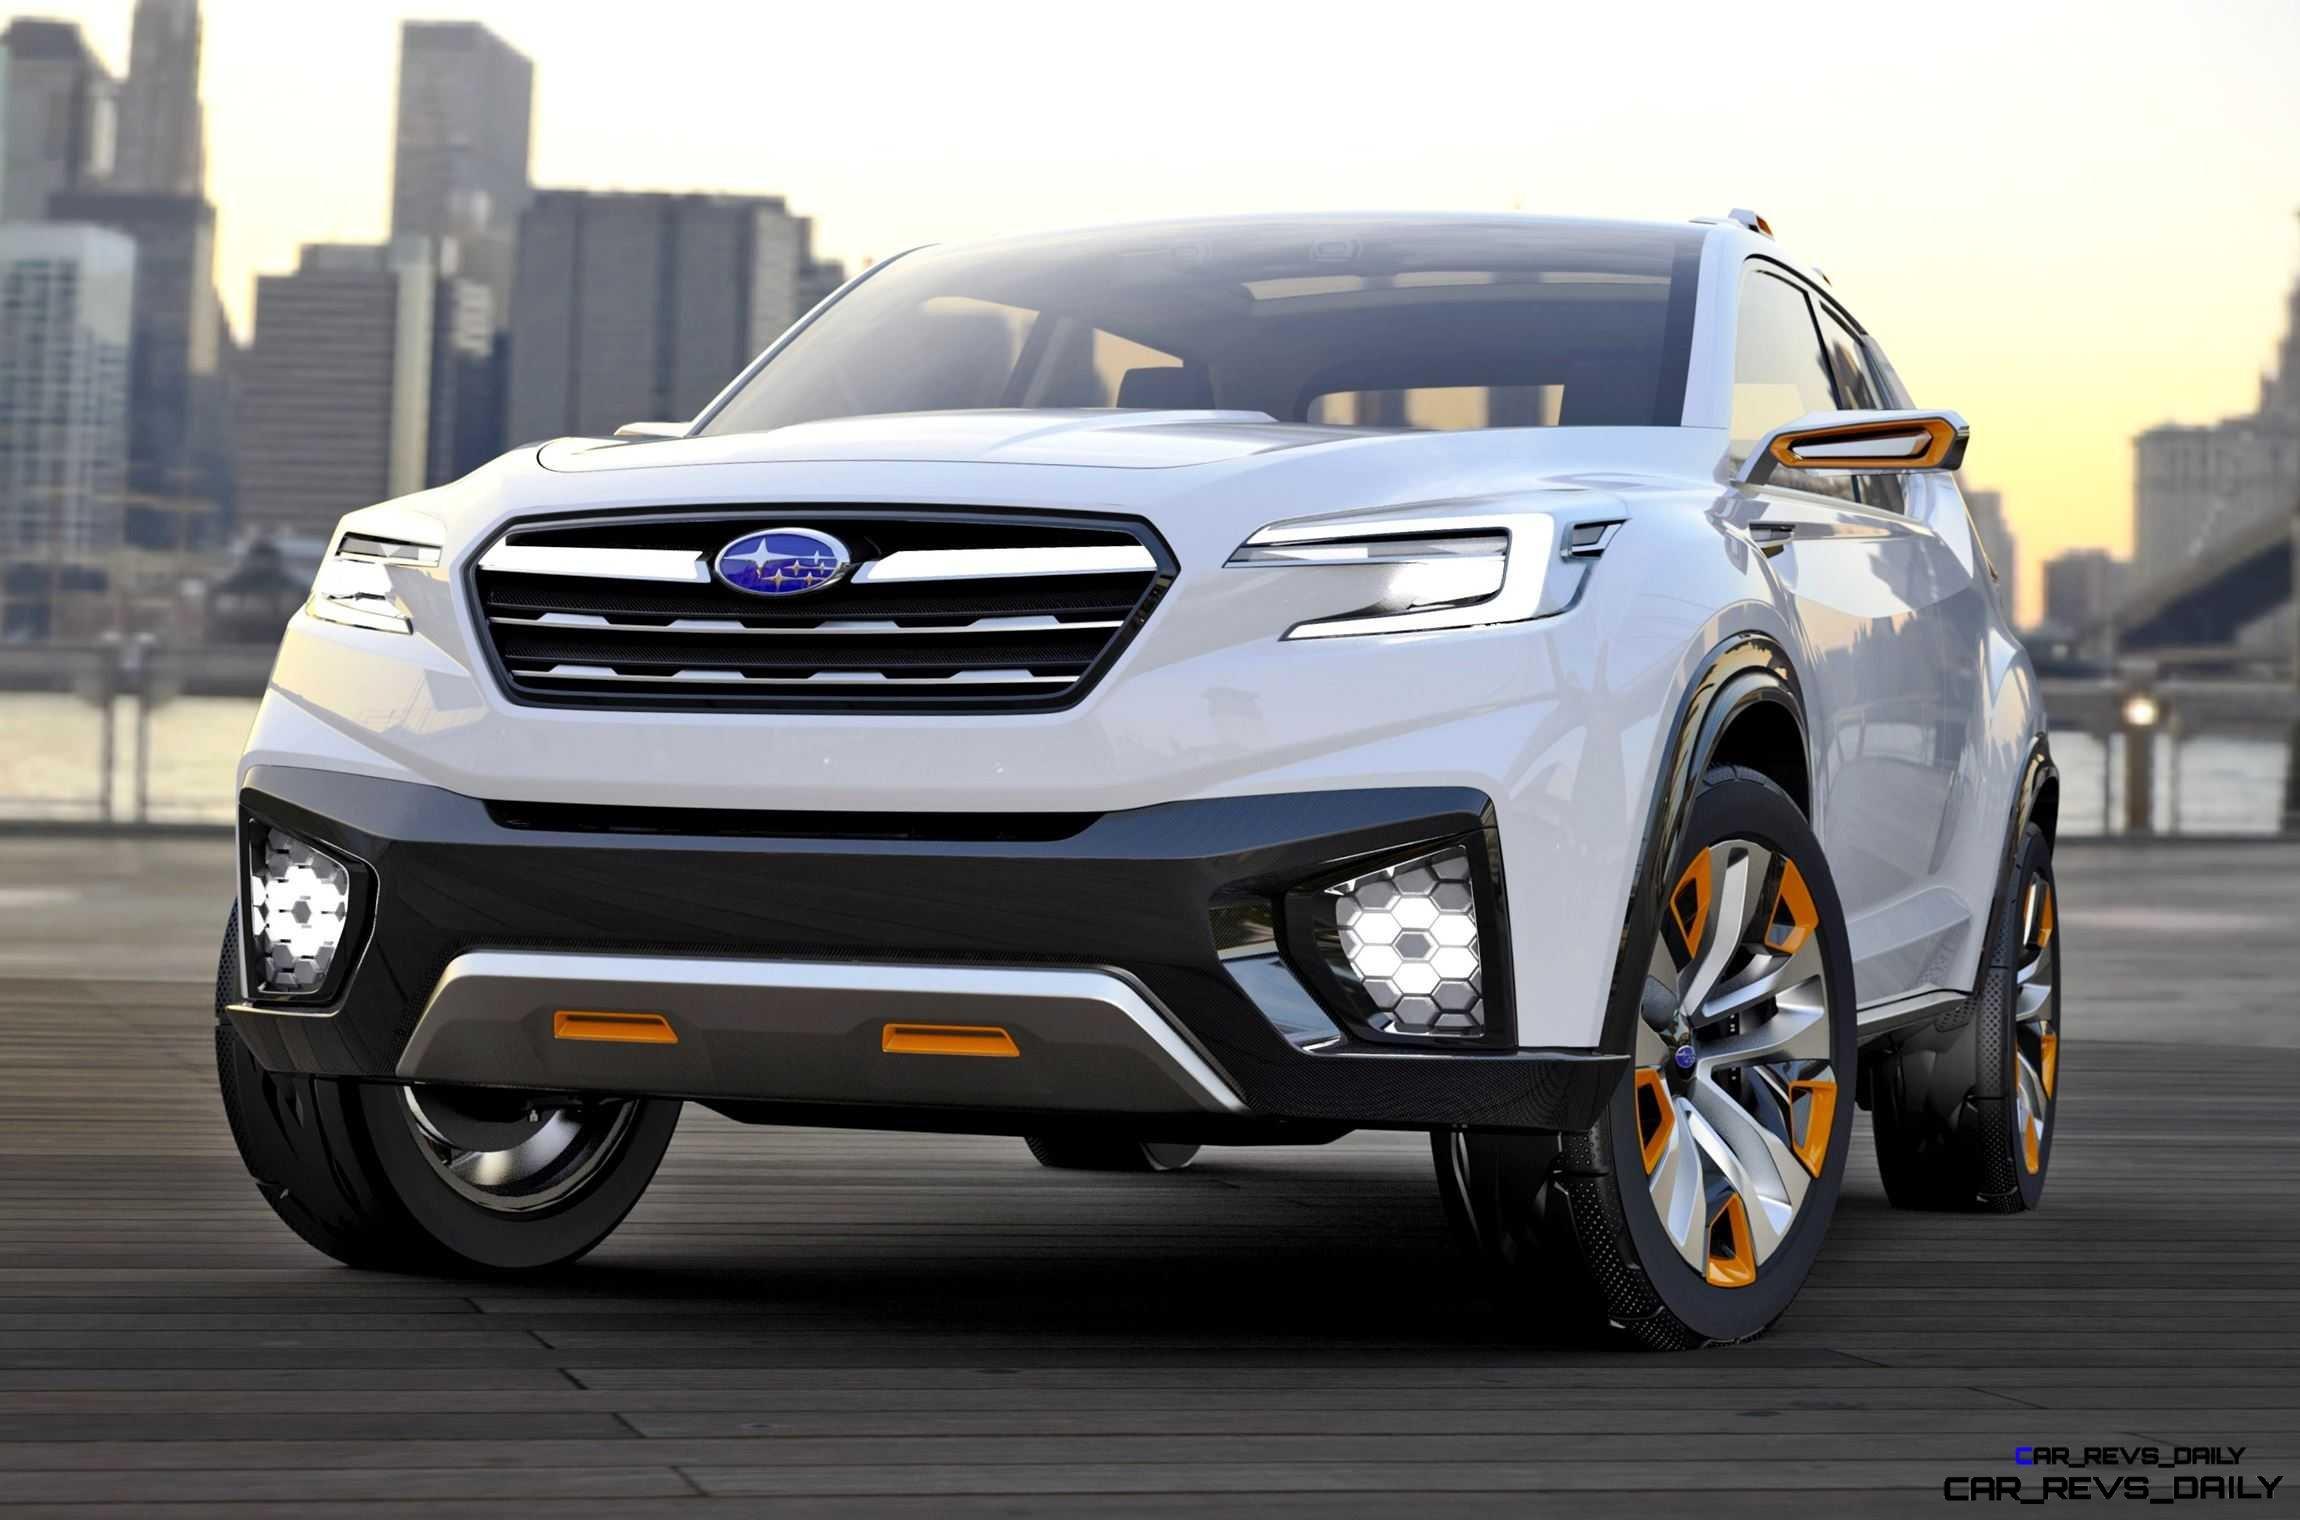 2015 Subaru VIZIV Future Concept 16